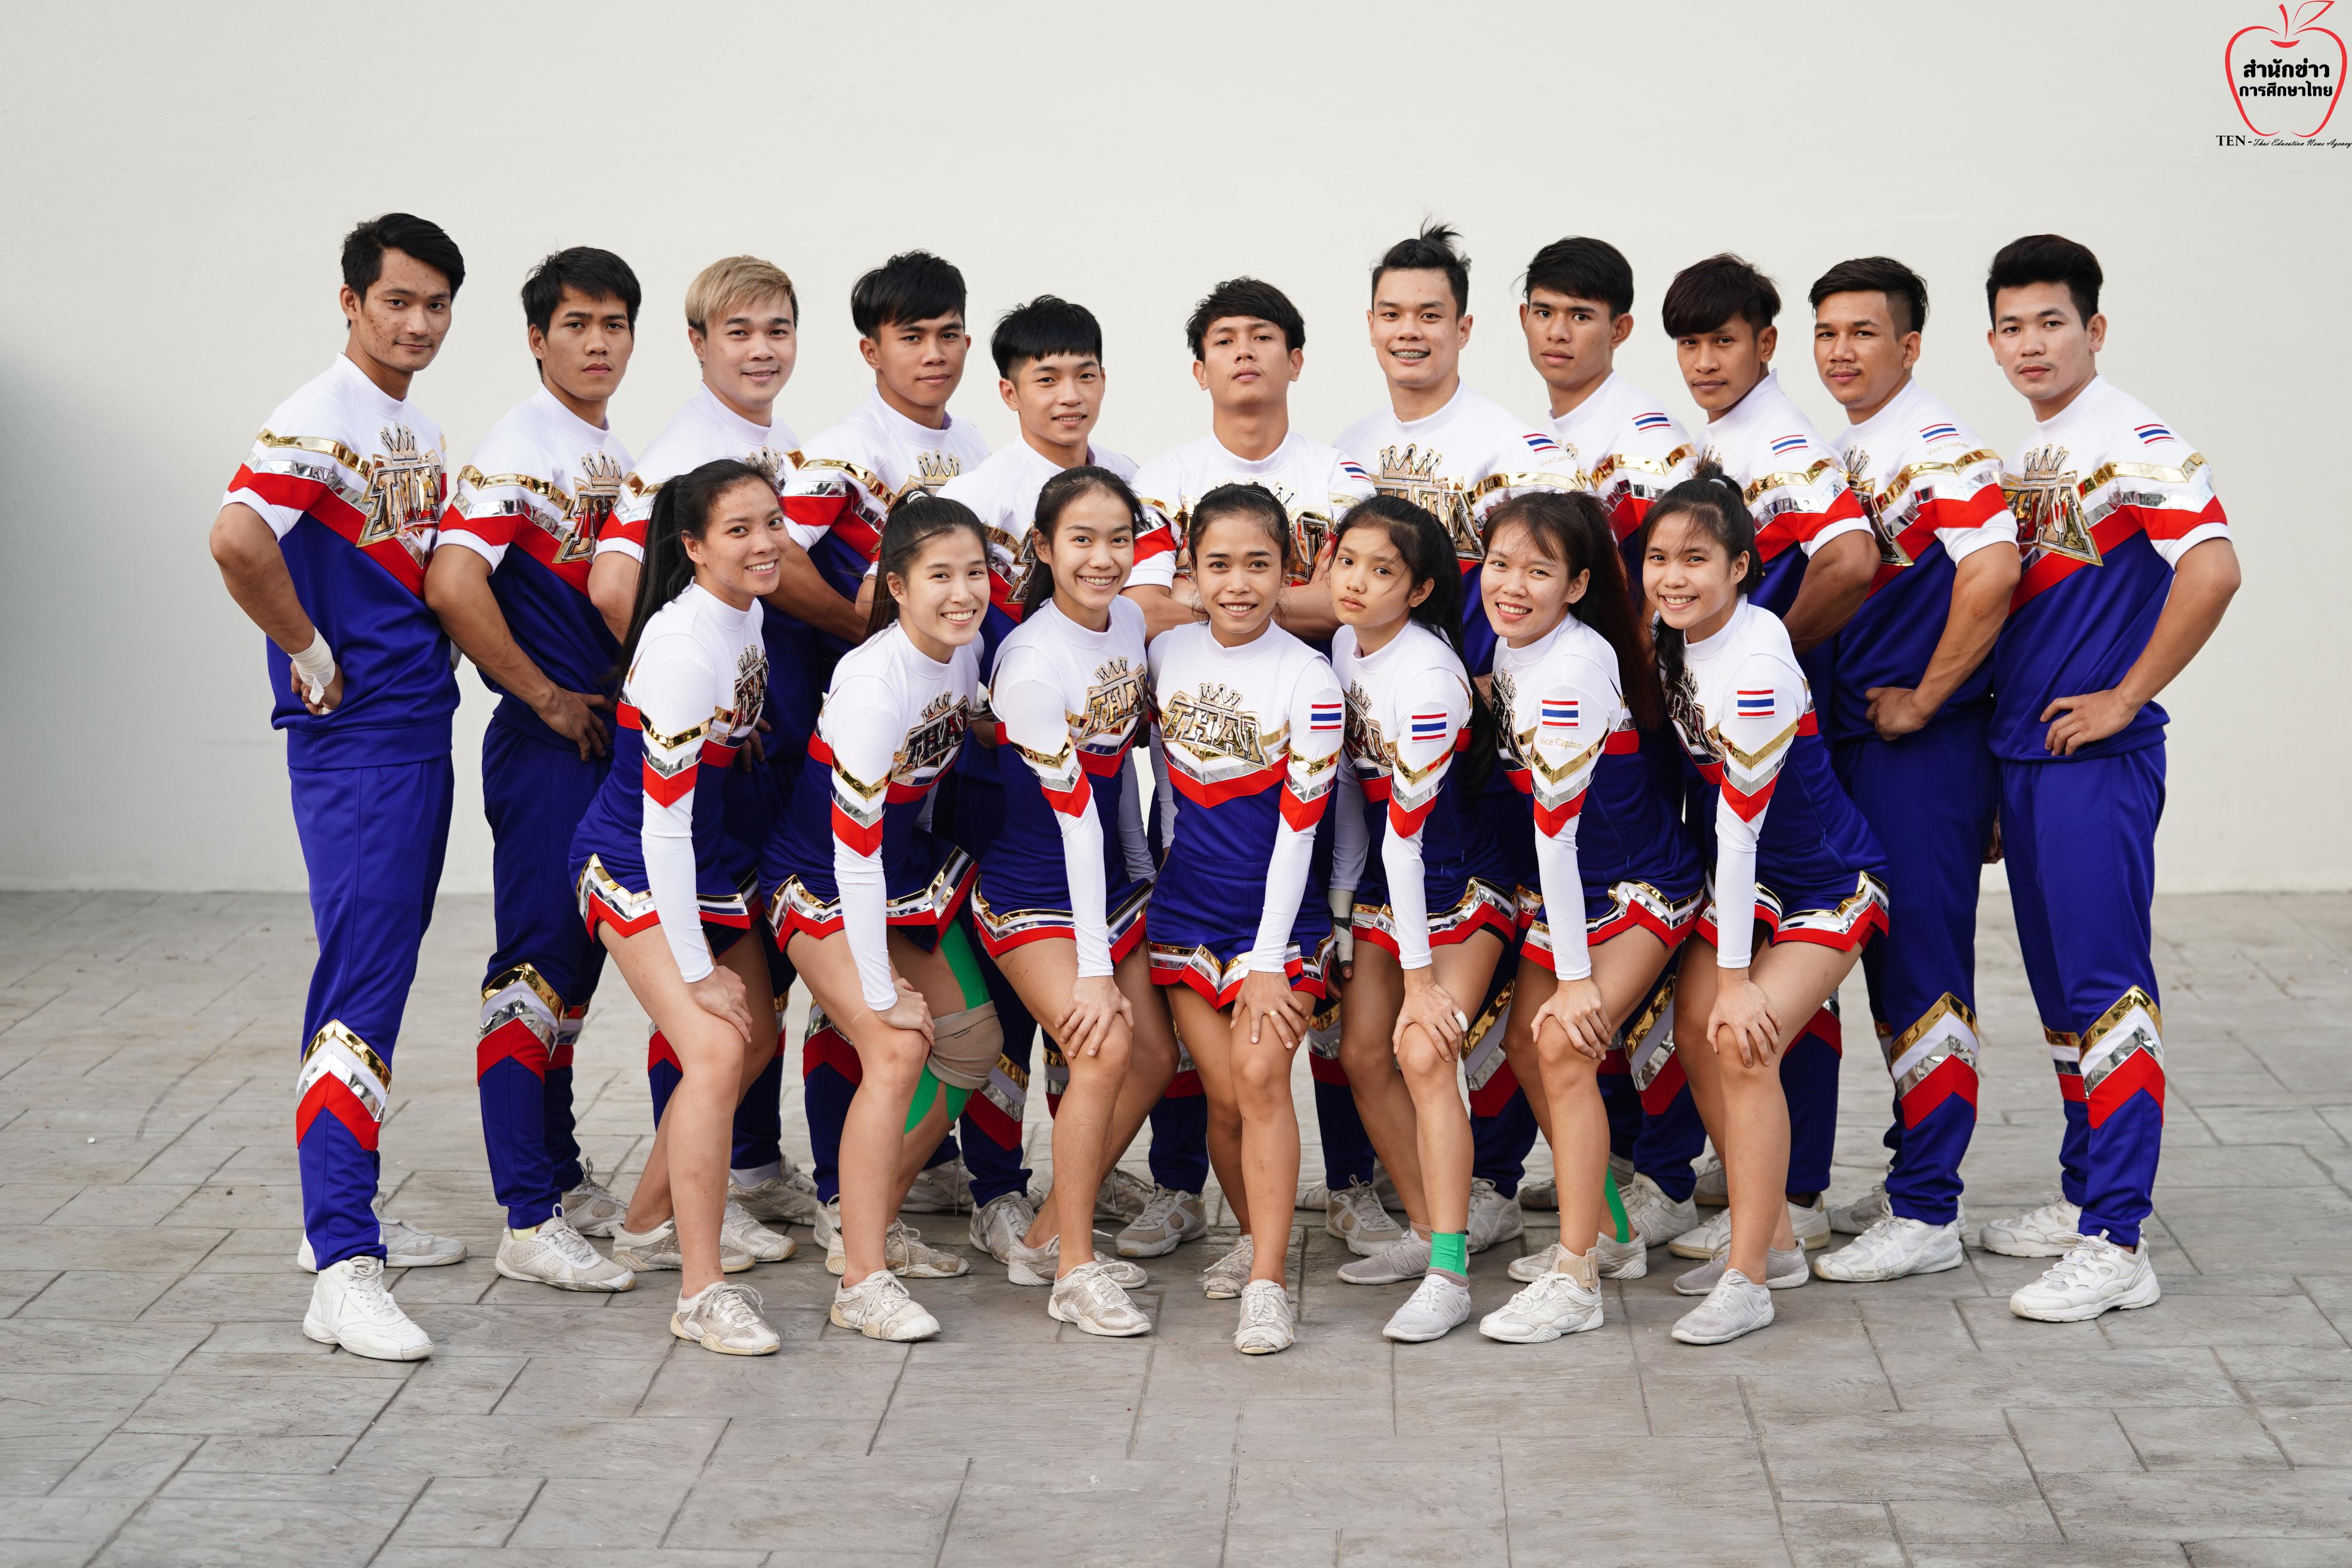 """""""ทีมเชียร์ลีดดิ้งไทย"""" บุกญี่ปุ่นขน 12 ทีมลงแข่งฯ ป้องกันแชมป์โลก"""